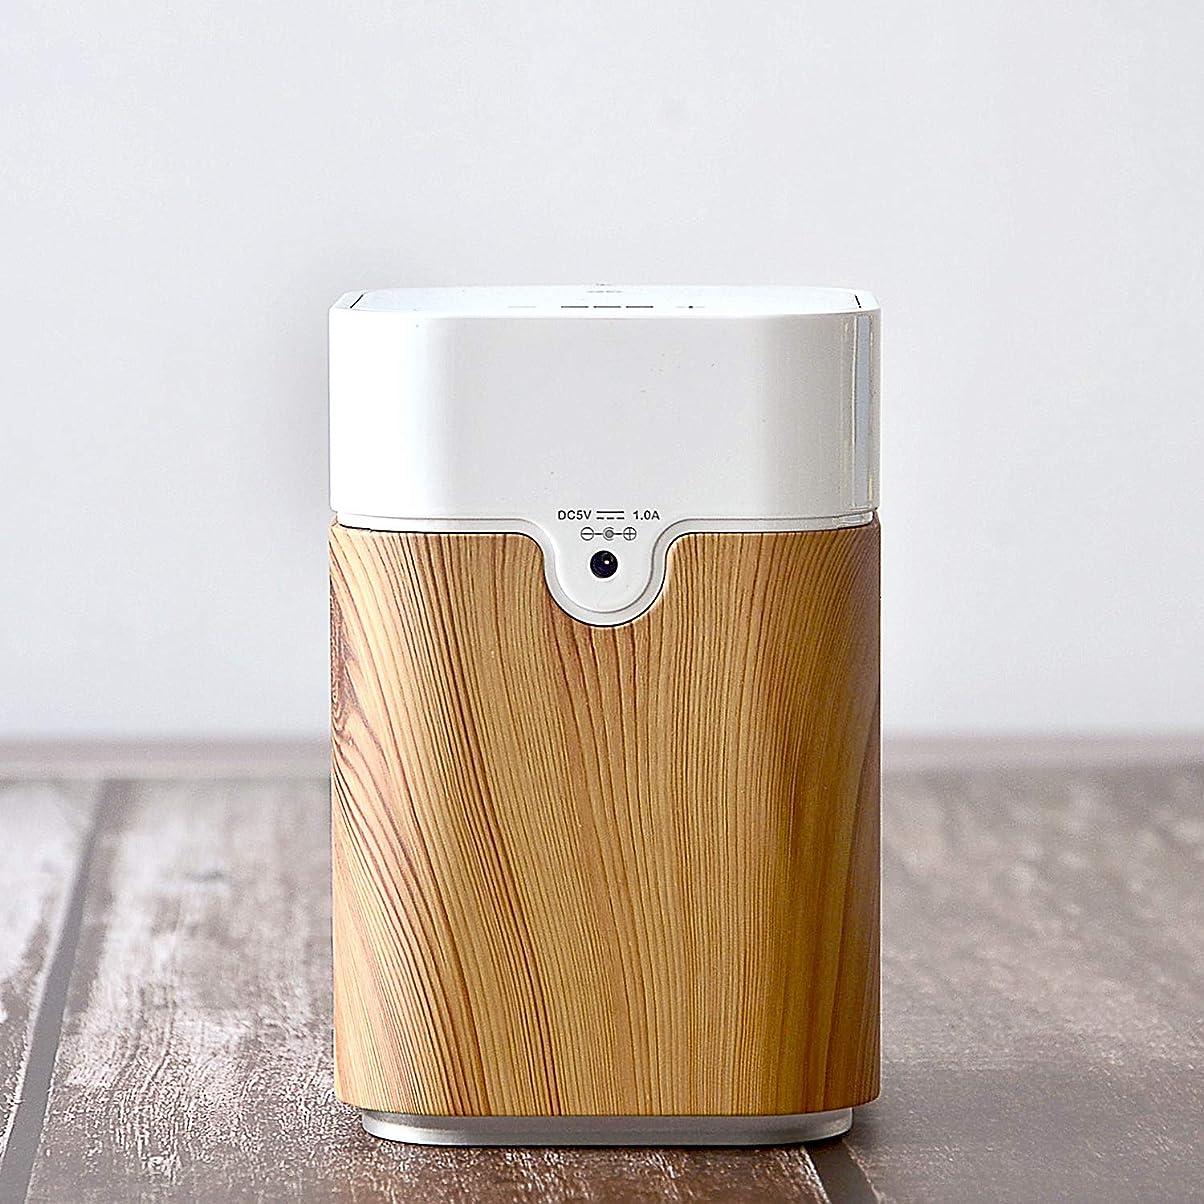 イブニング典型的な性交エッセンシャルオイル拡散器USB充電機アロマディフューザー ヨガ室 整体院人気 タイマー機能 ネブライザー式 量調整可能 付き